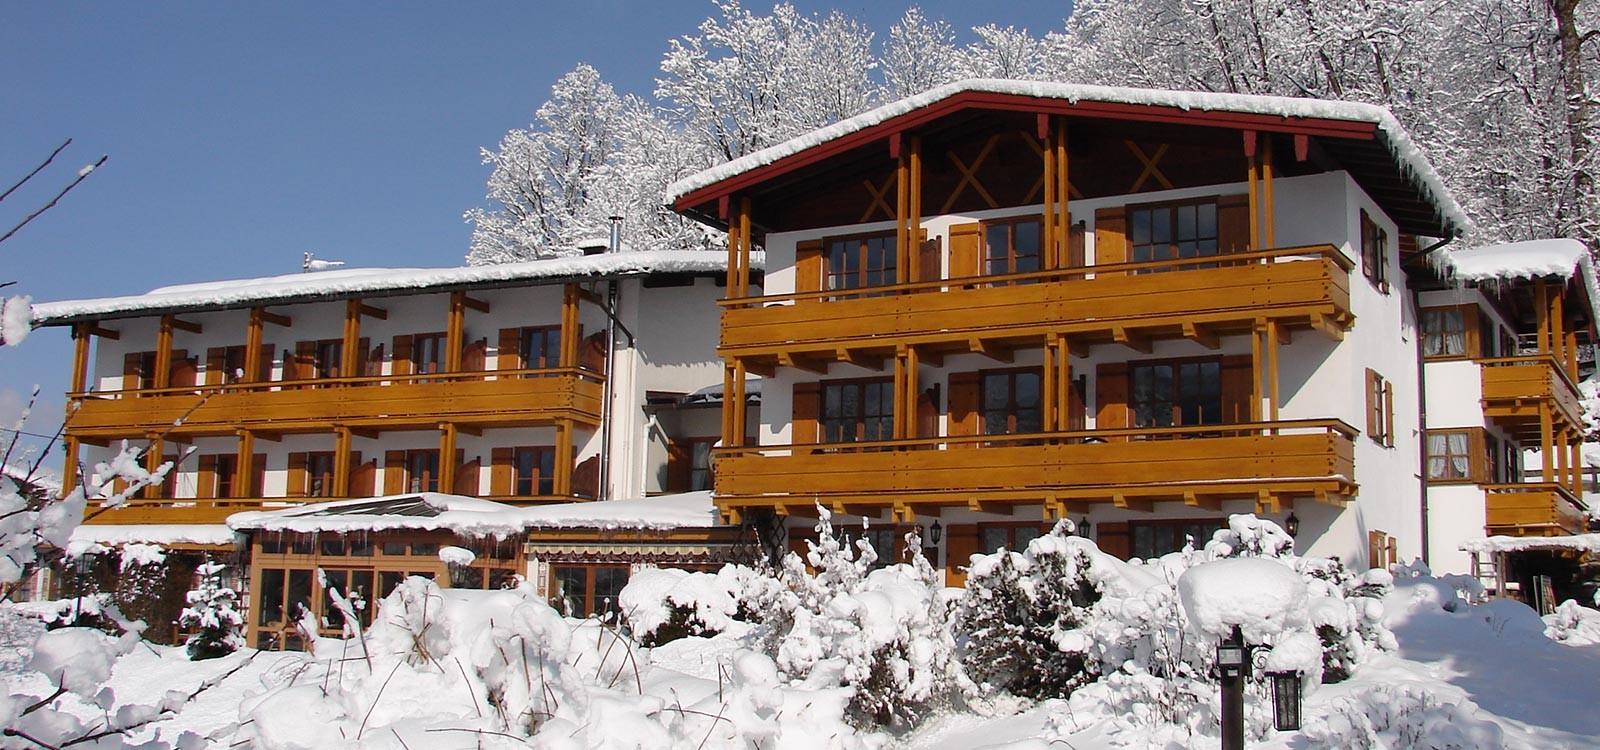 Hotel Georgenhof im Winter